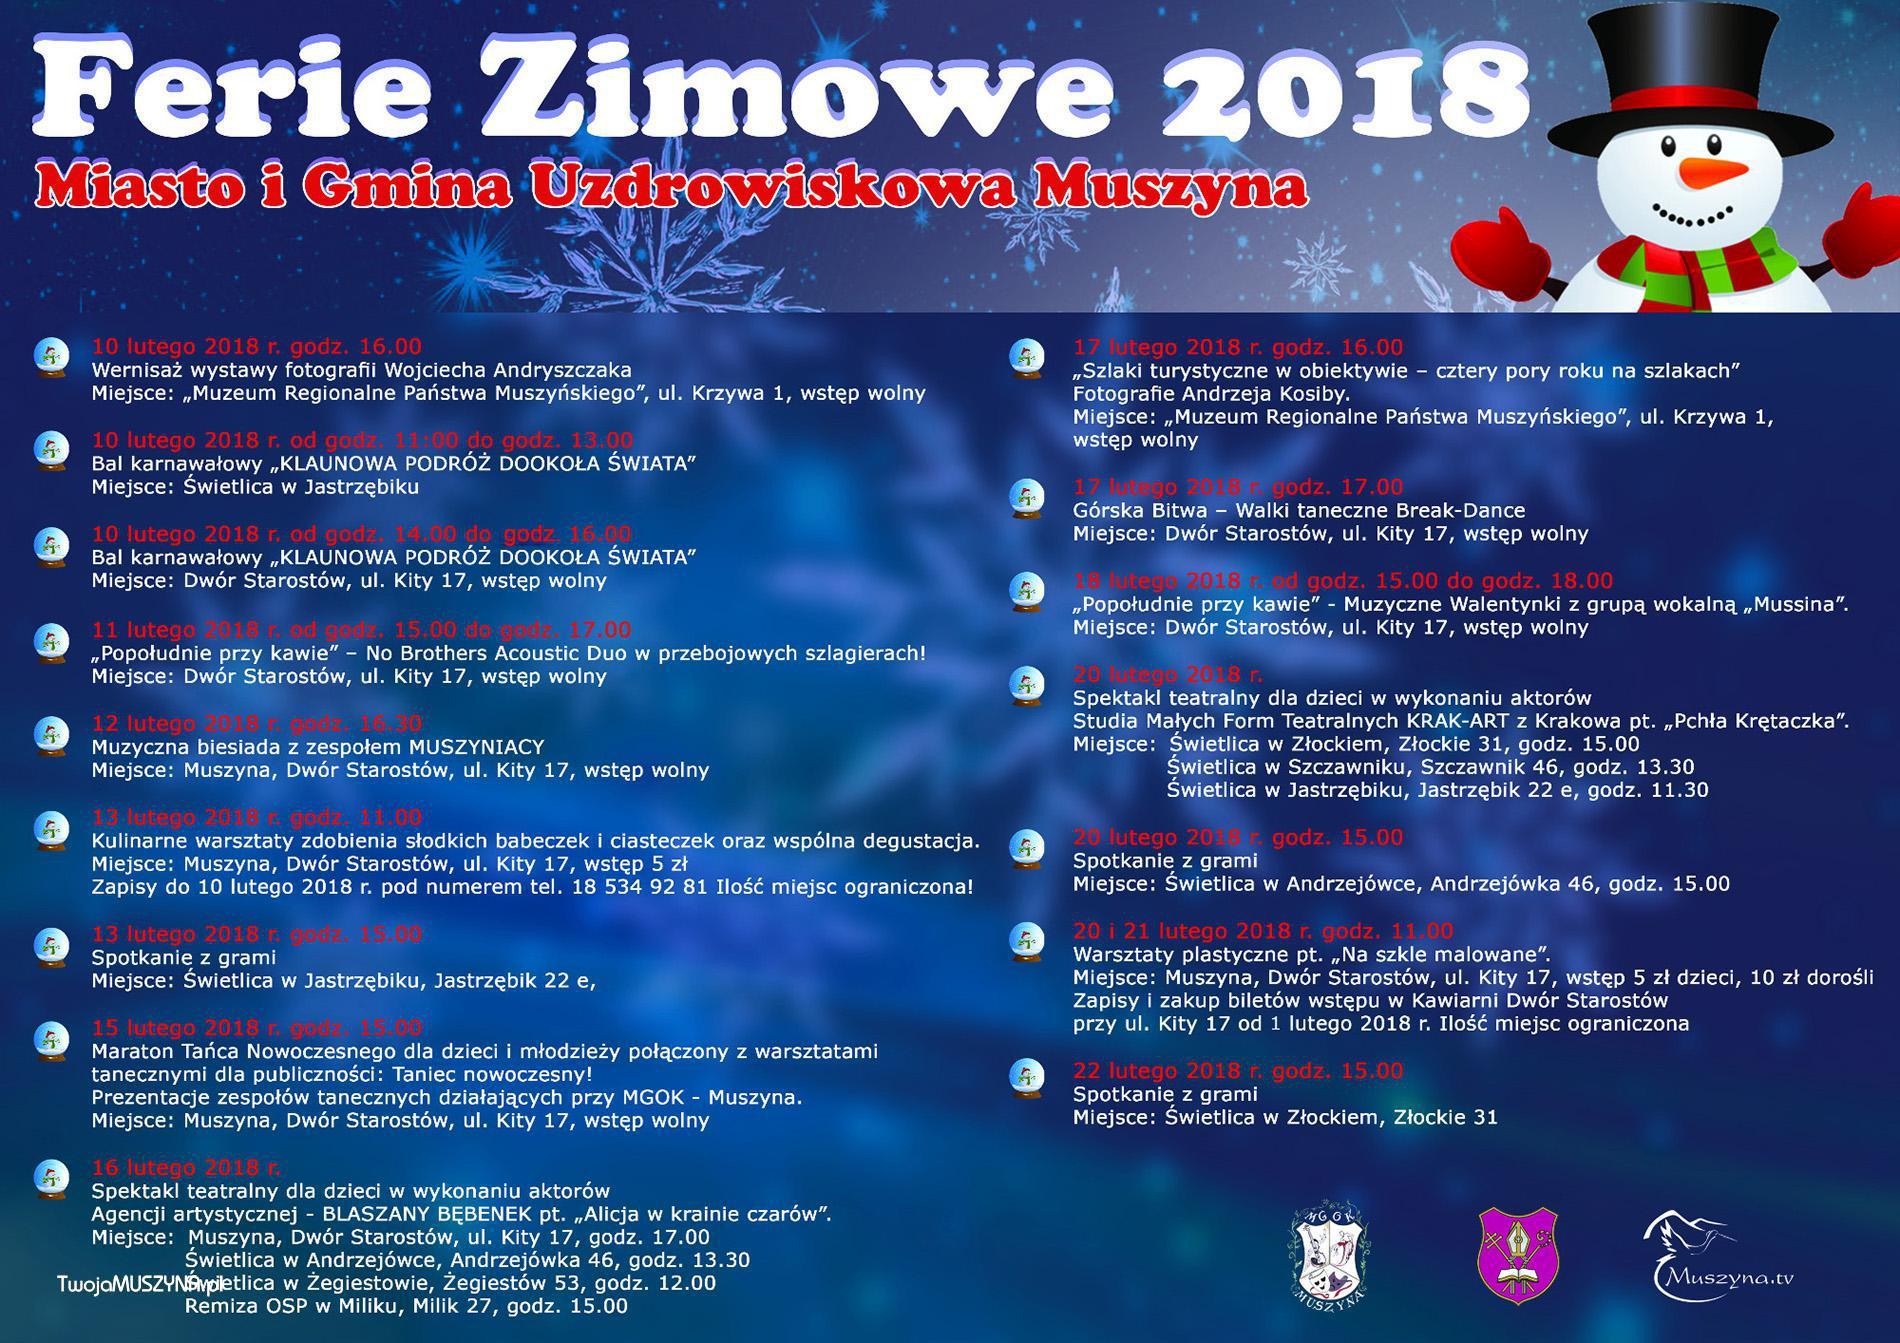 Ferie zimowe 2018 w Muszynie - plakat duży